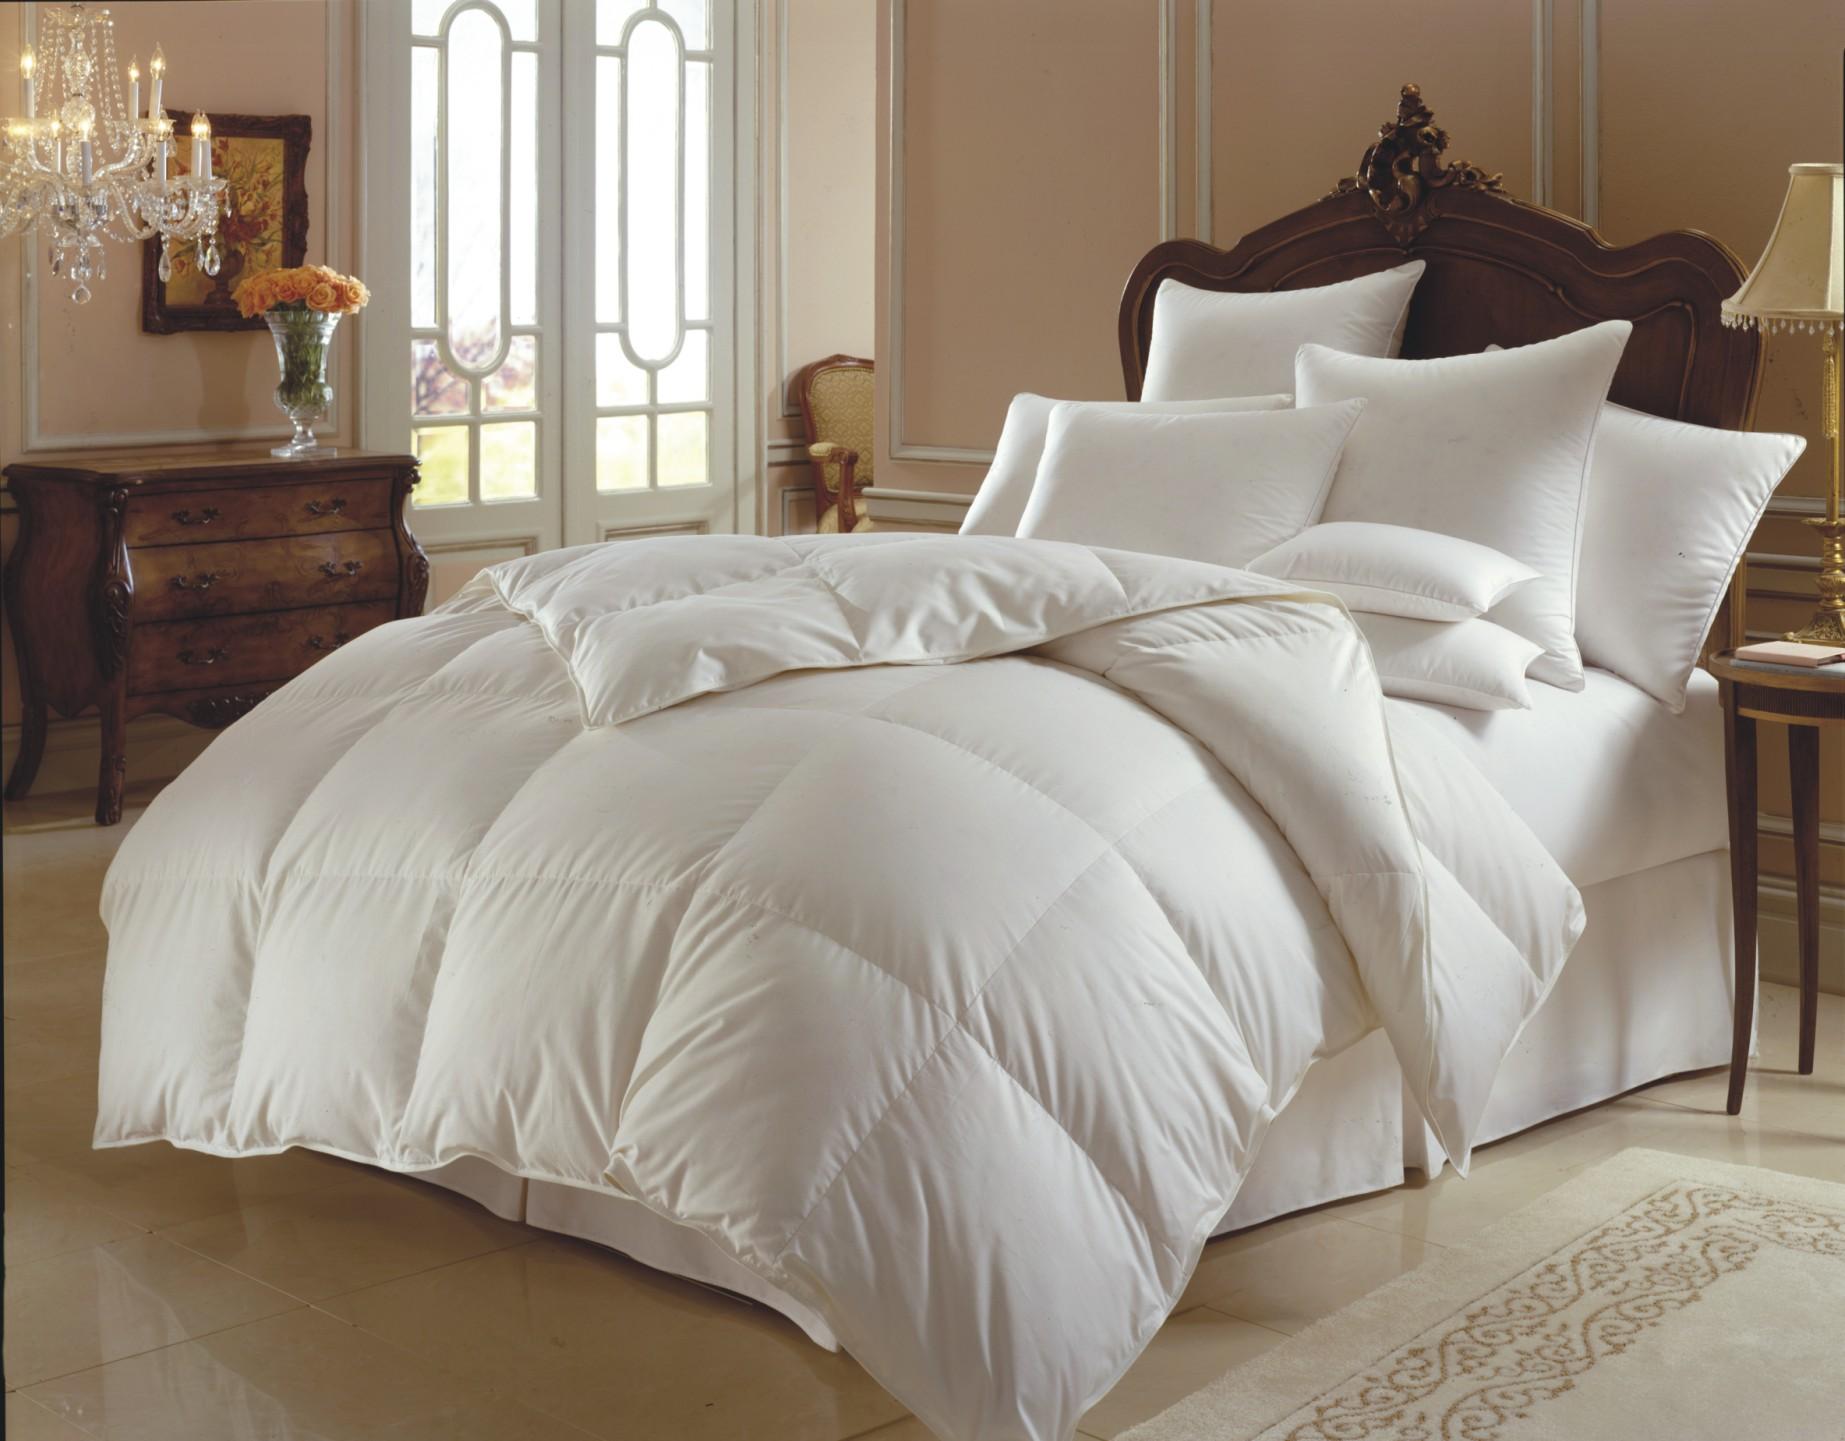 Покупая одеяло, правильно выбирайте наполнитель